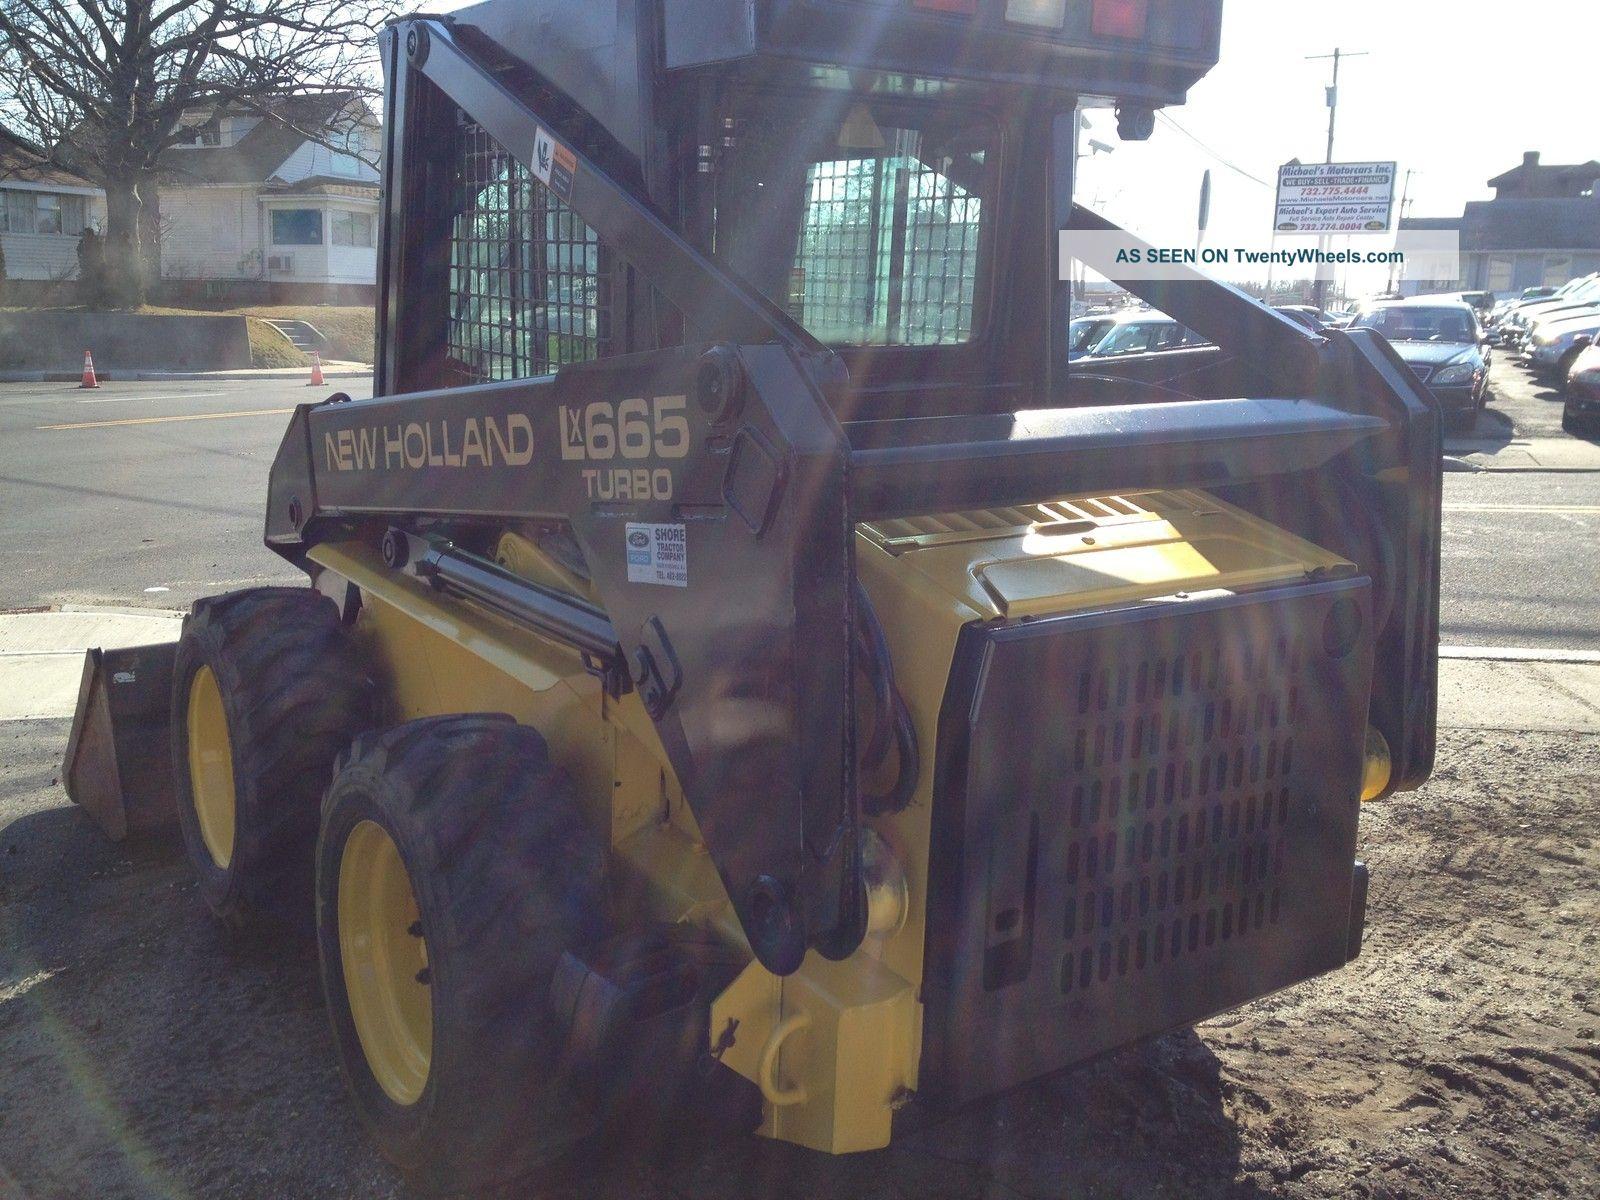 1995 Holland Lx665 Turbo Skid Steer Loader Lx665